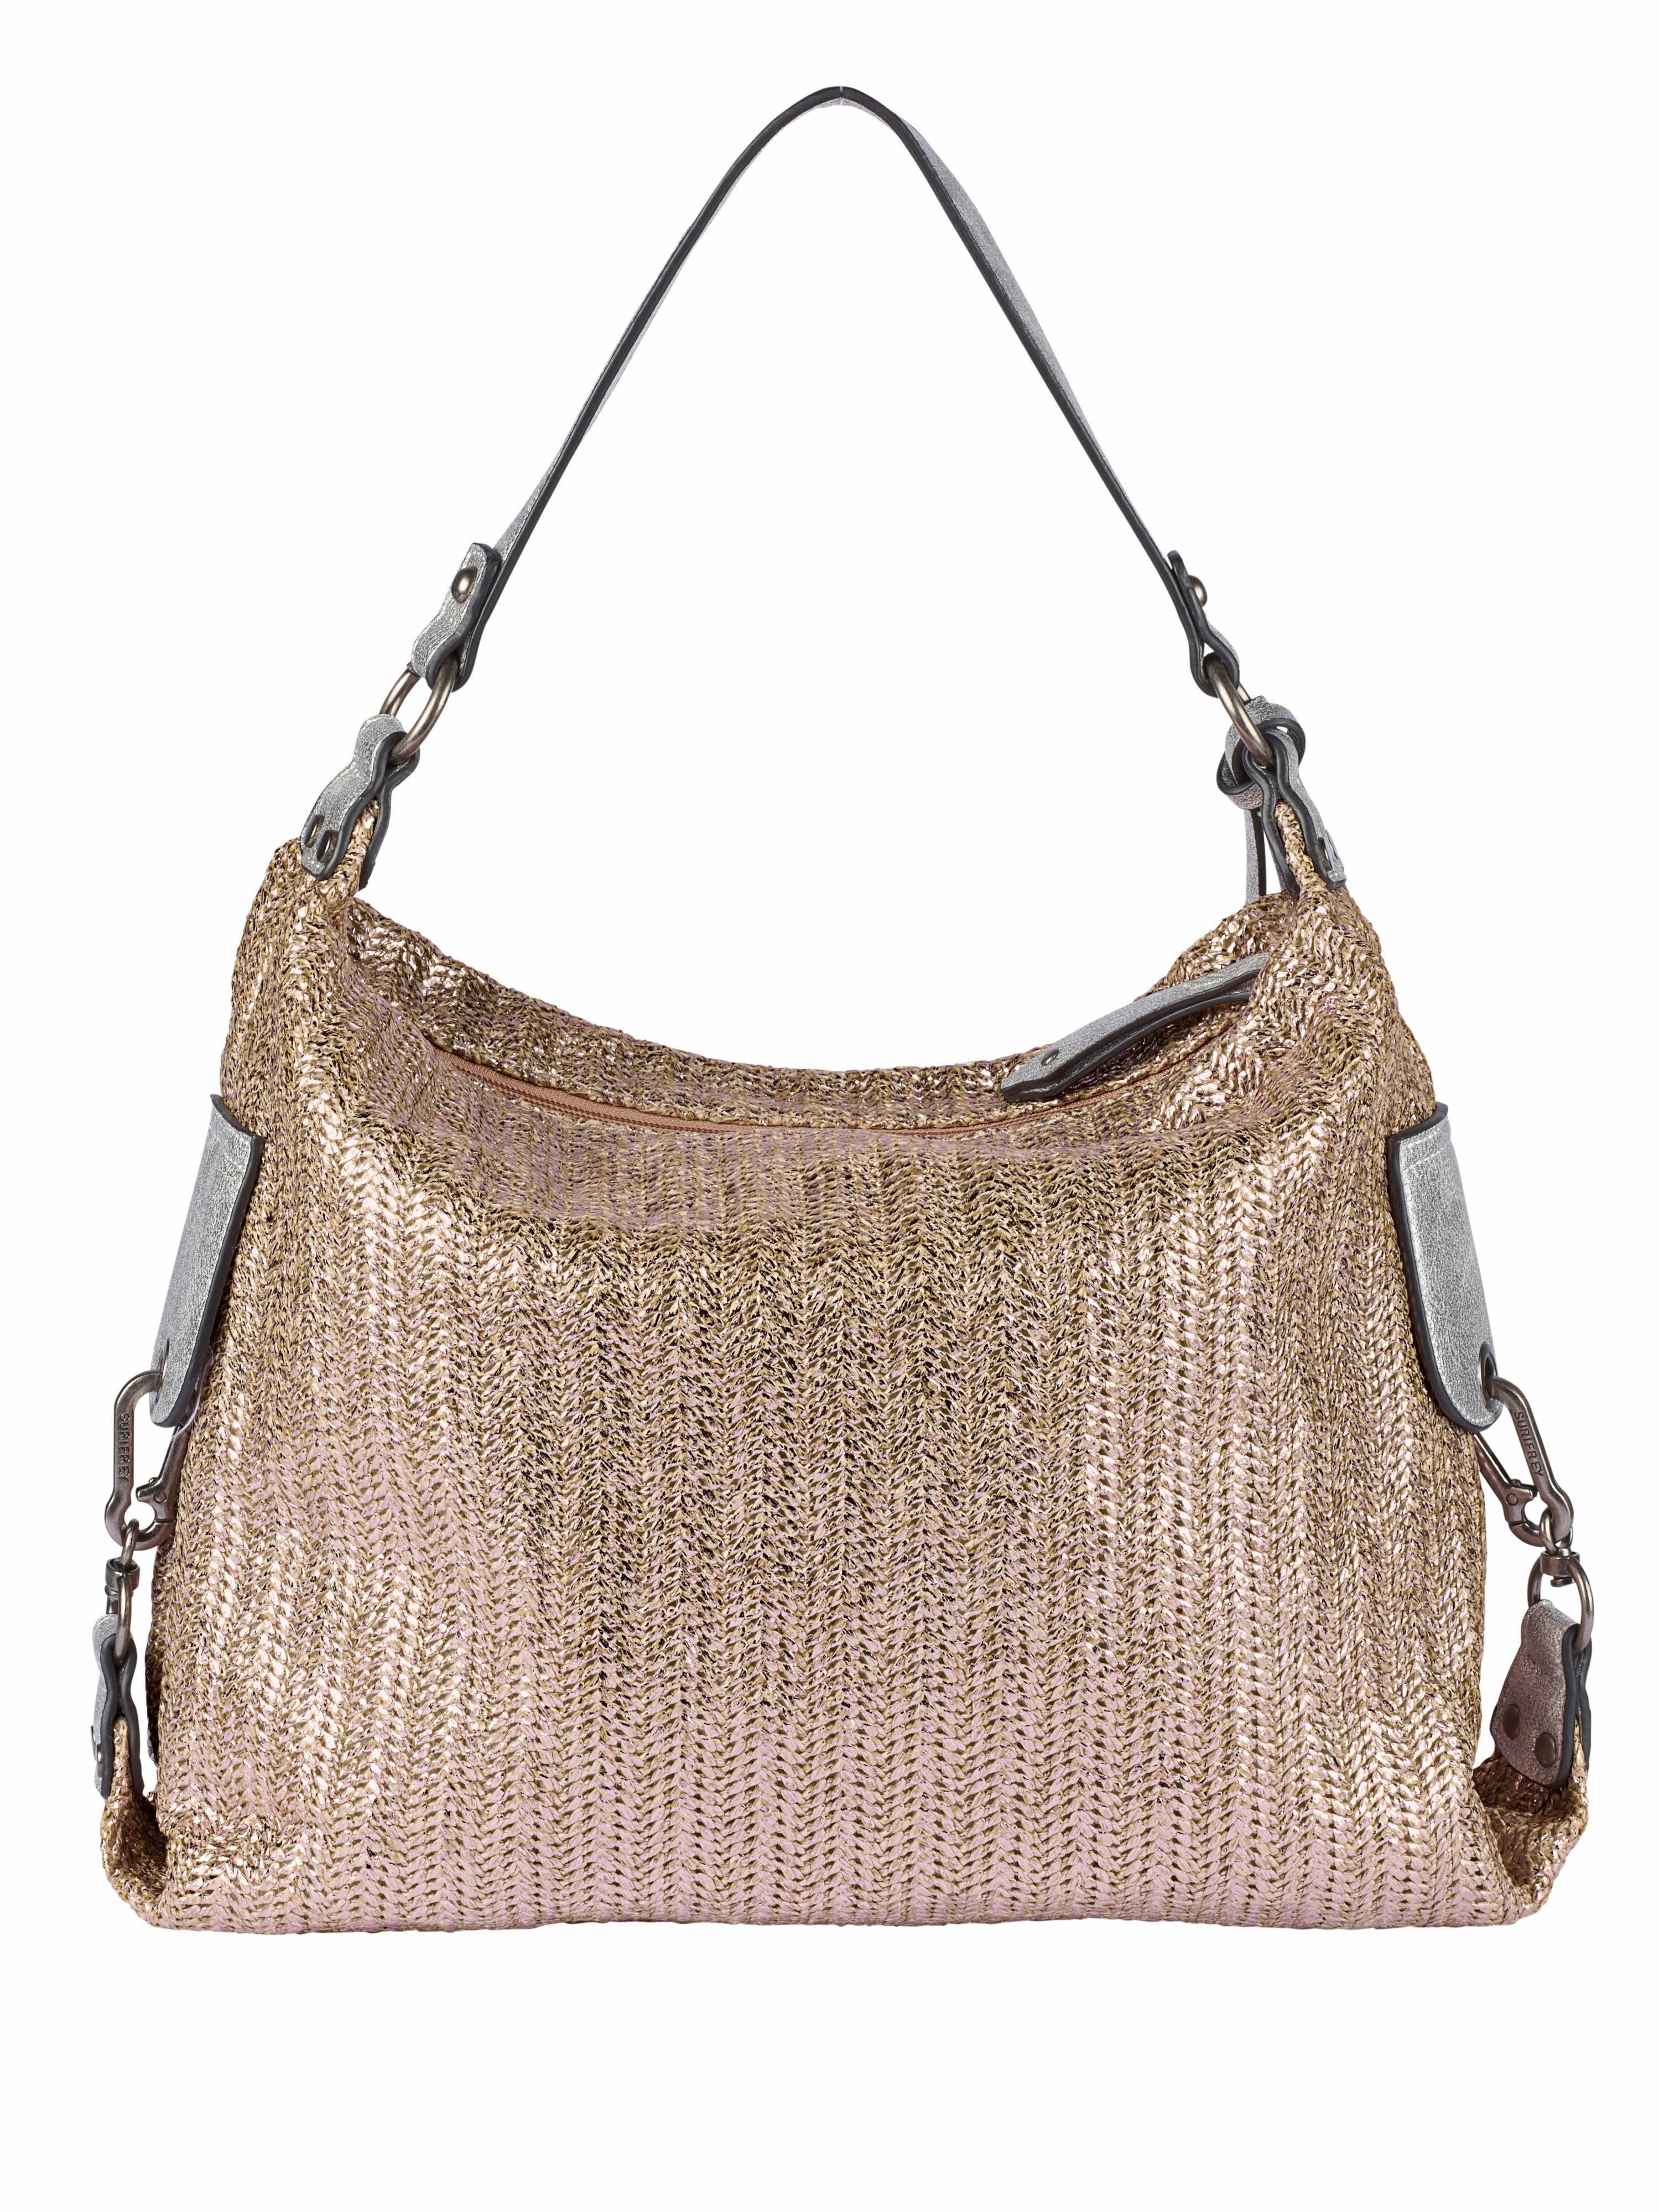 Suri Frey Tasche mit metalliceffekt